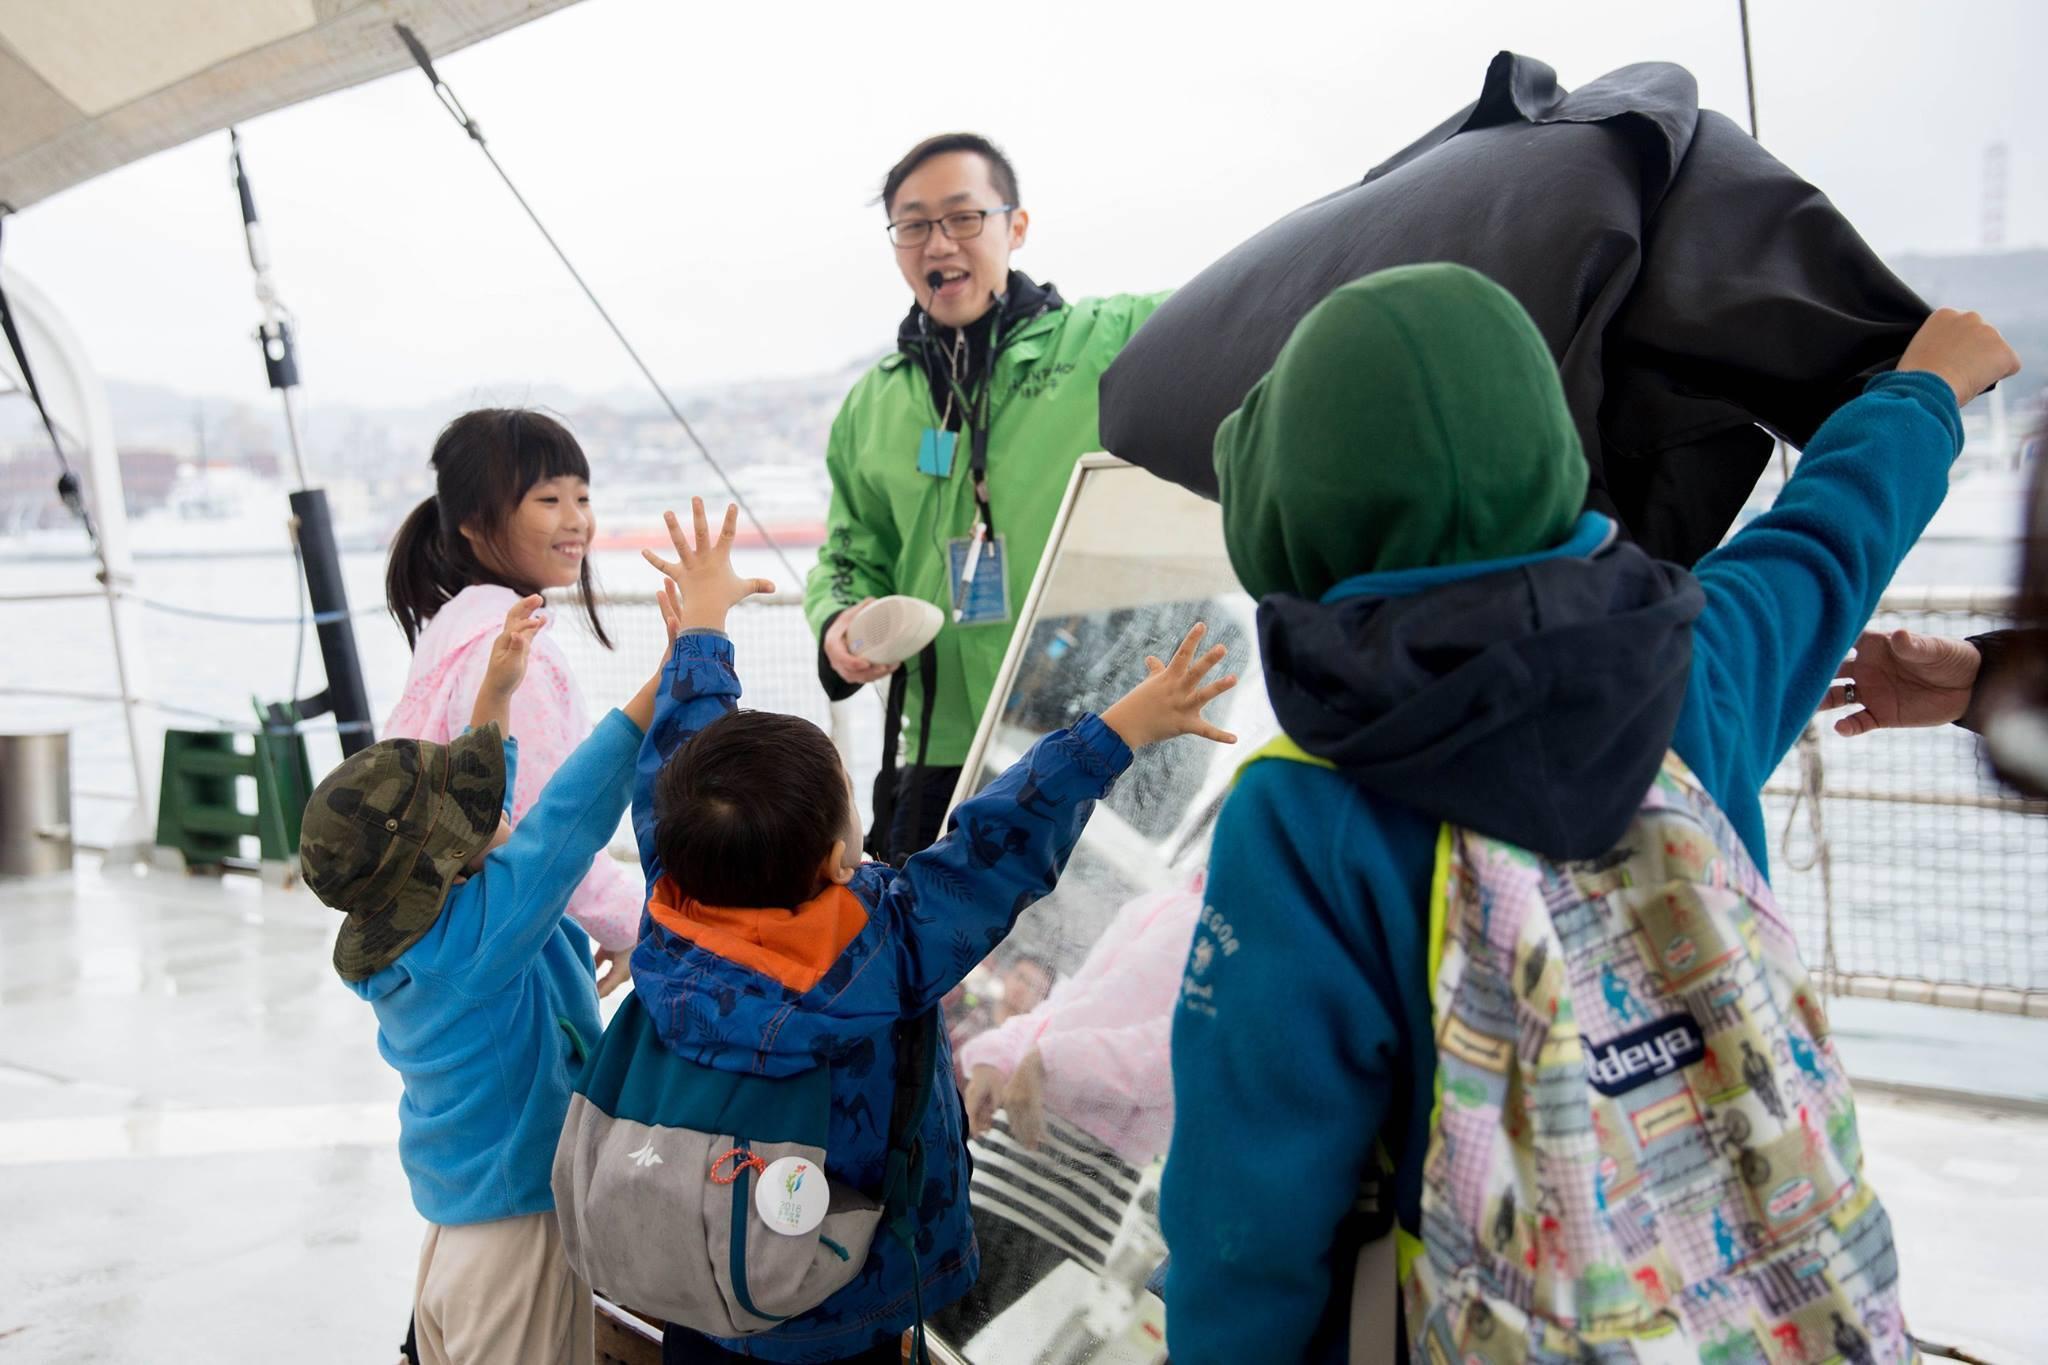 綠色和平船艦彩虹勇士號來臺期間,開放民眾上船參觀、了解海洋垃圾專案,潘定澤為孩子們解說塑膠垃圾問題。